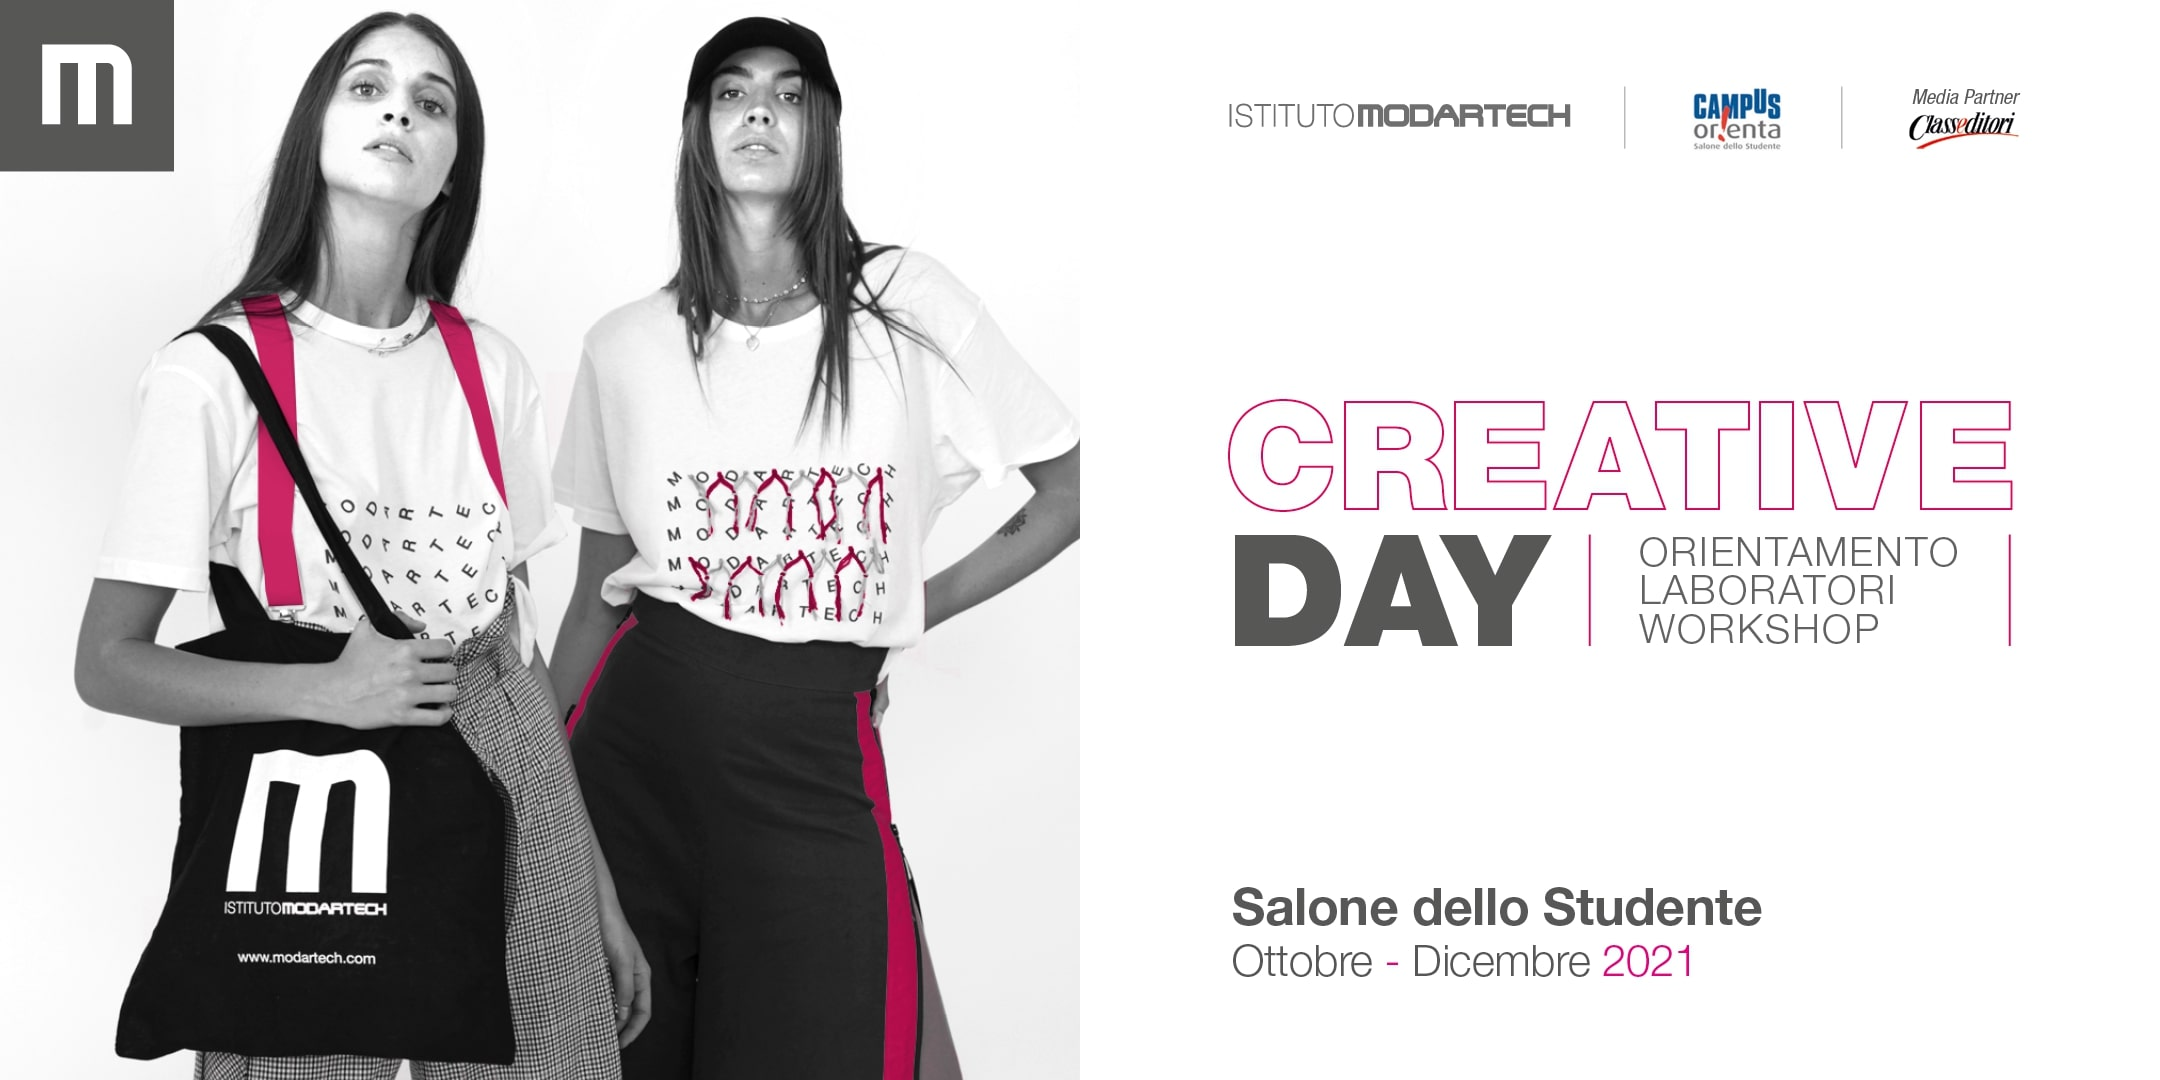 CREATIVE DAY